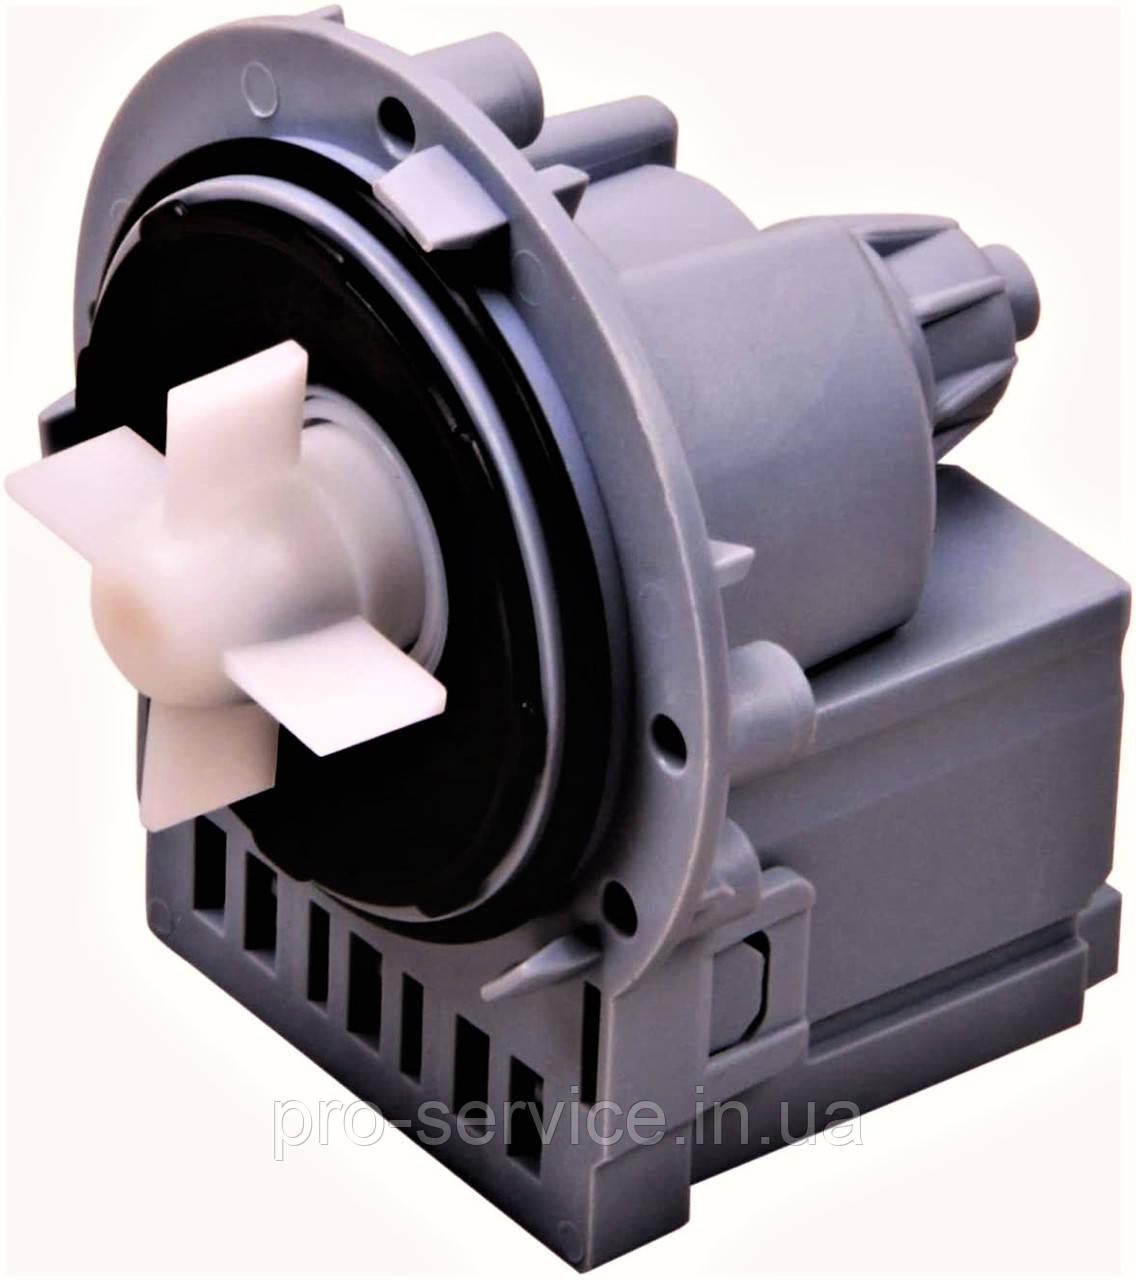 Насос Askoll Mod. M332, M231 XP, ( M224 XP) для стиральных машин